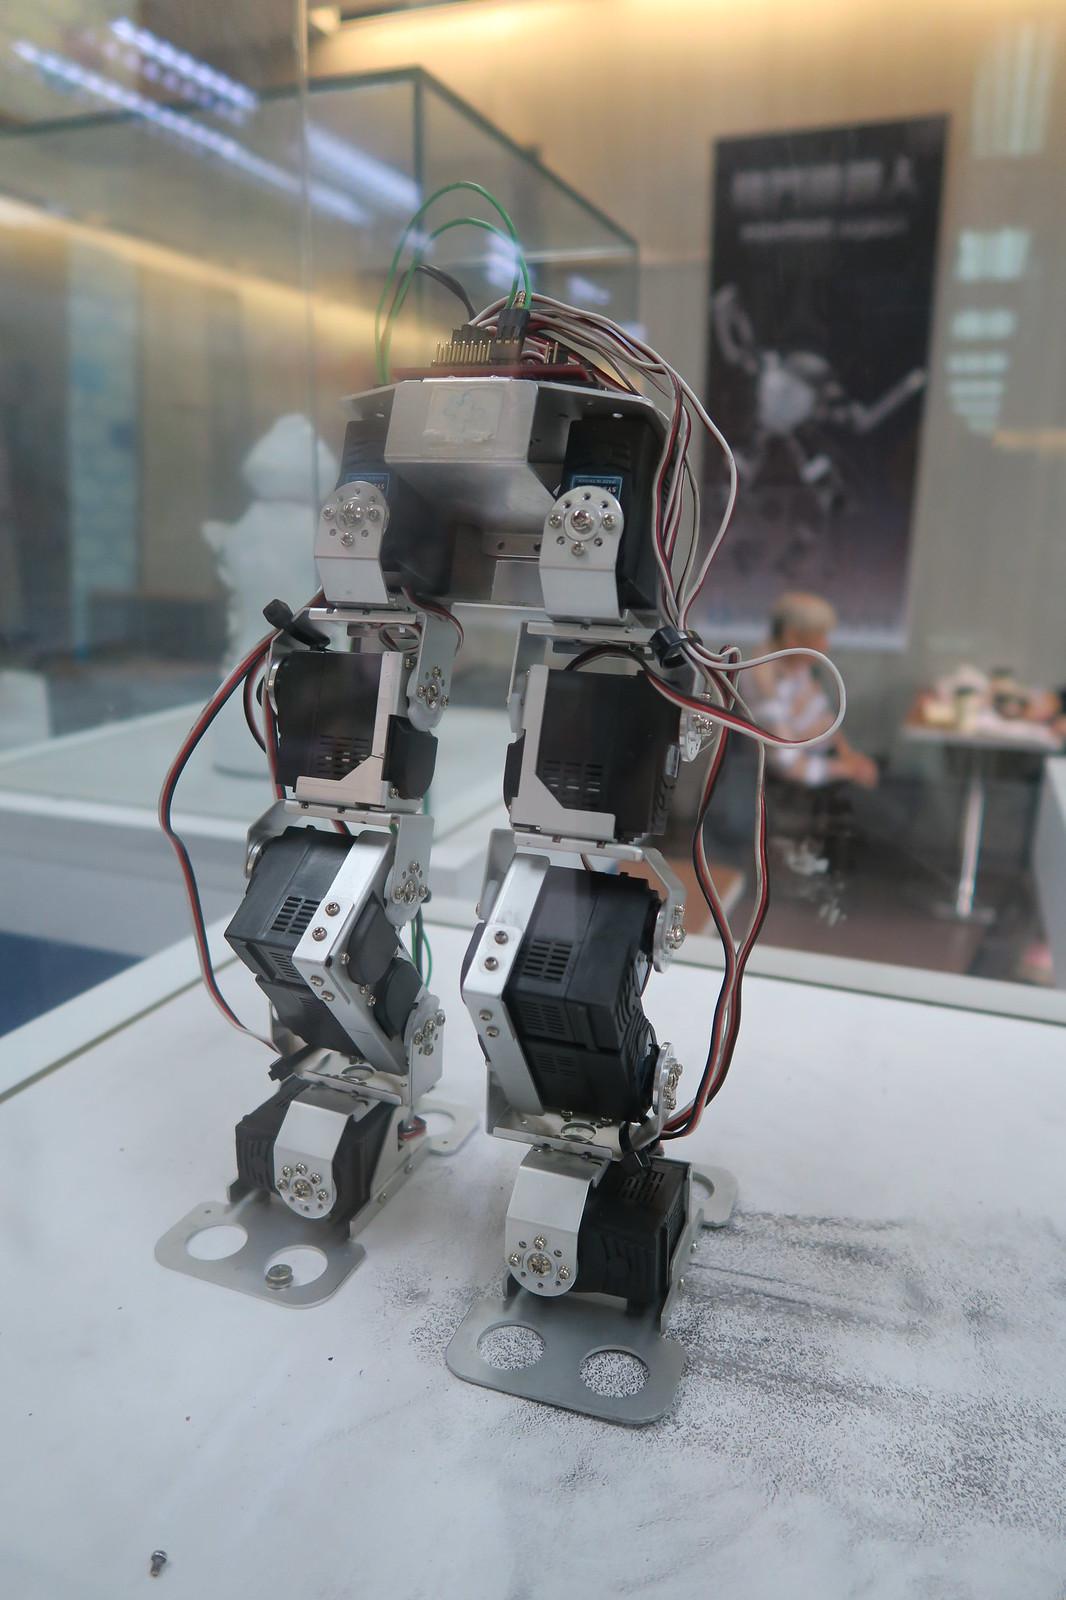 桃園市祥儀機器人 (3)